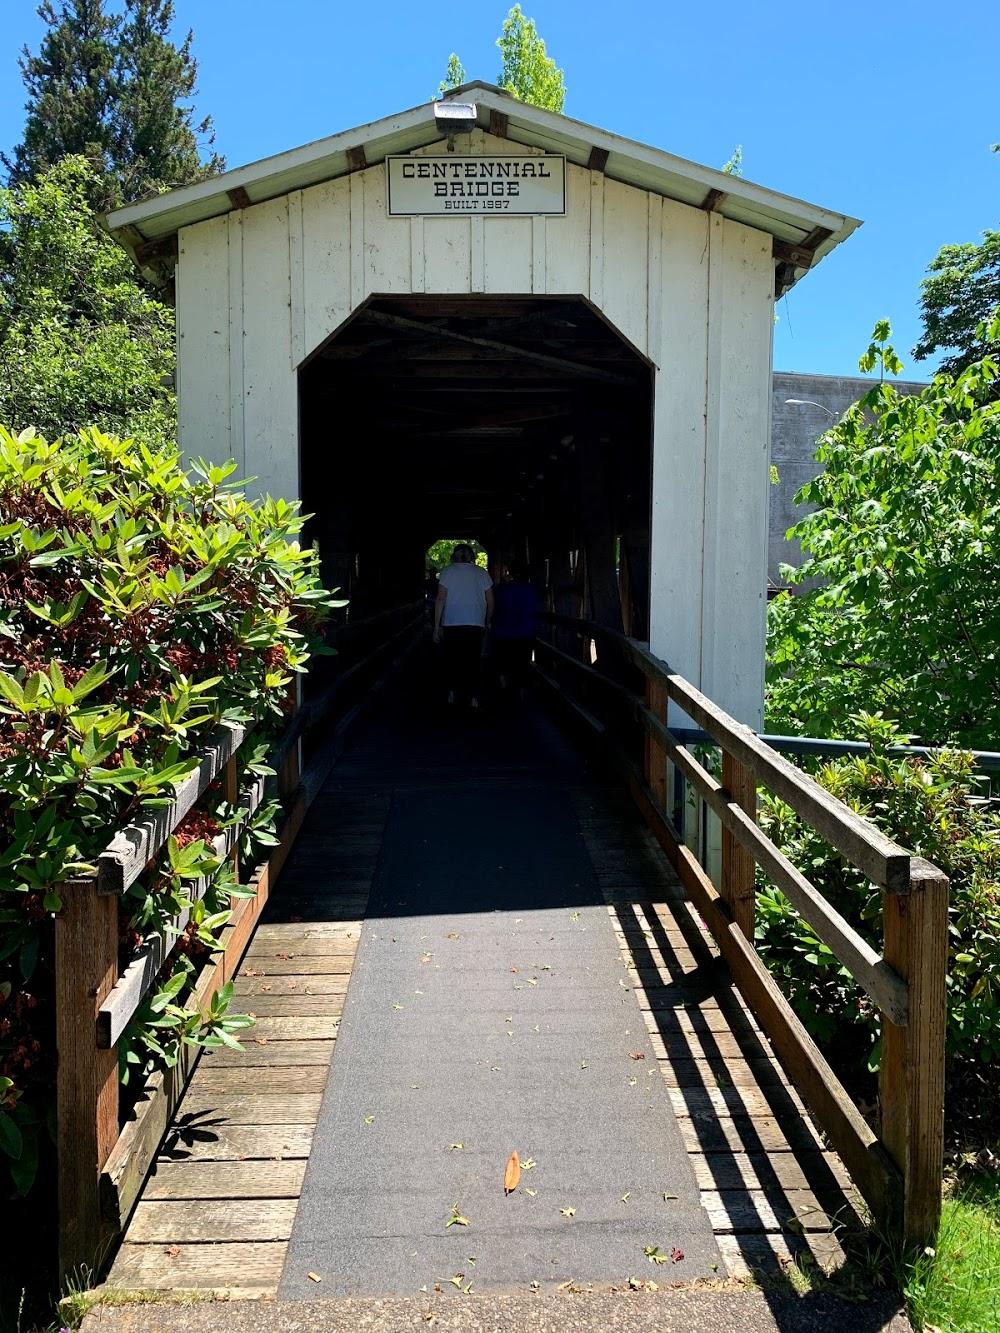 Applegate Trail Interpretive Center